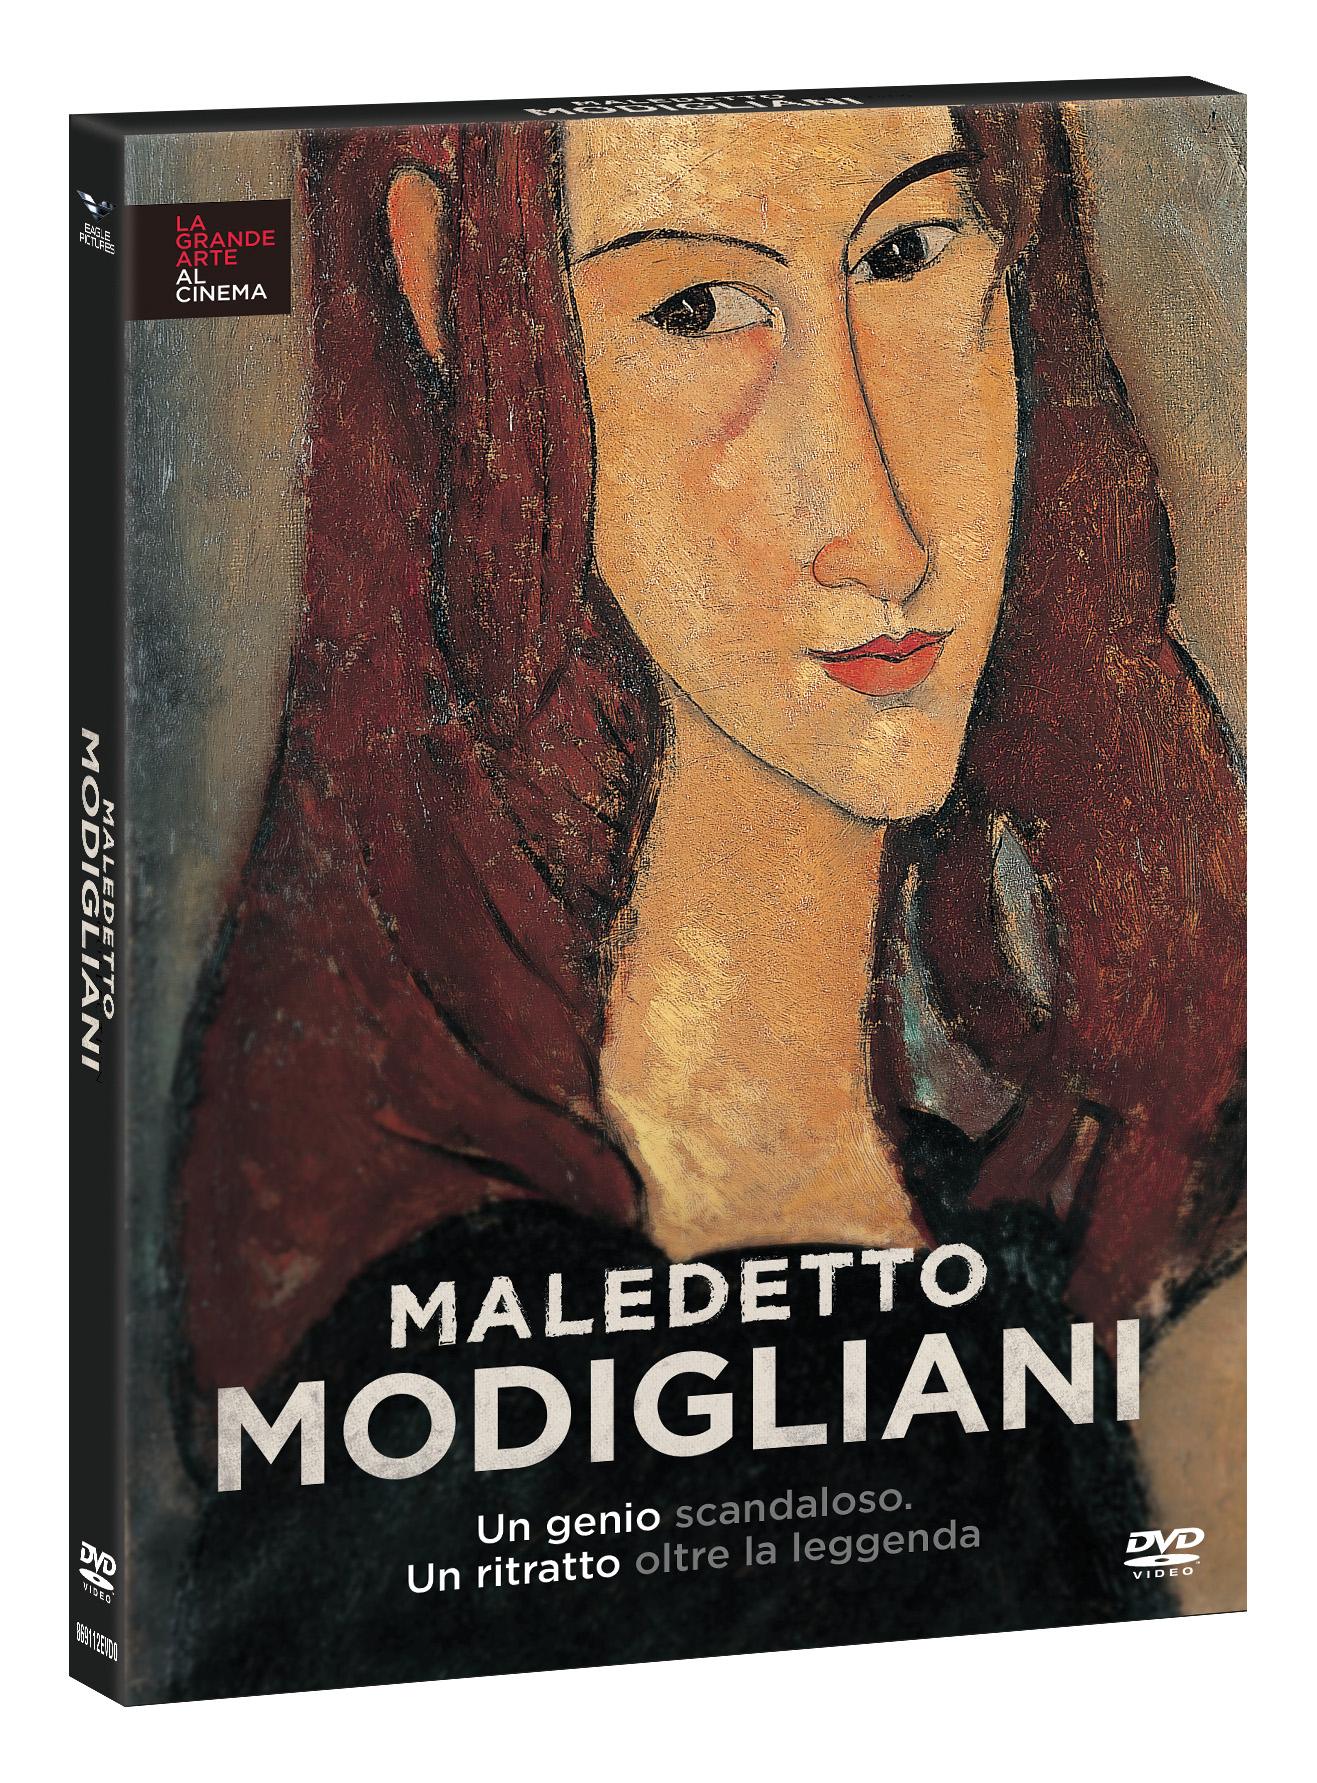 MALEDETTO MODIGLIANI (DVD)